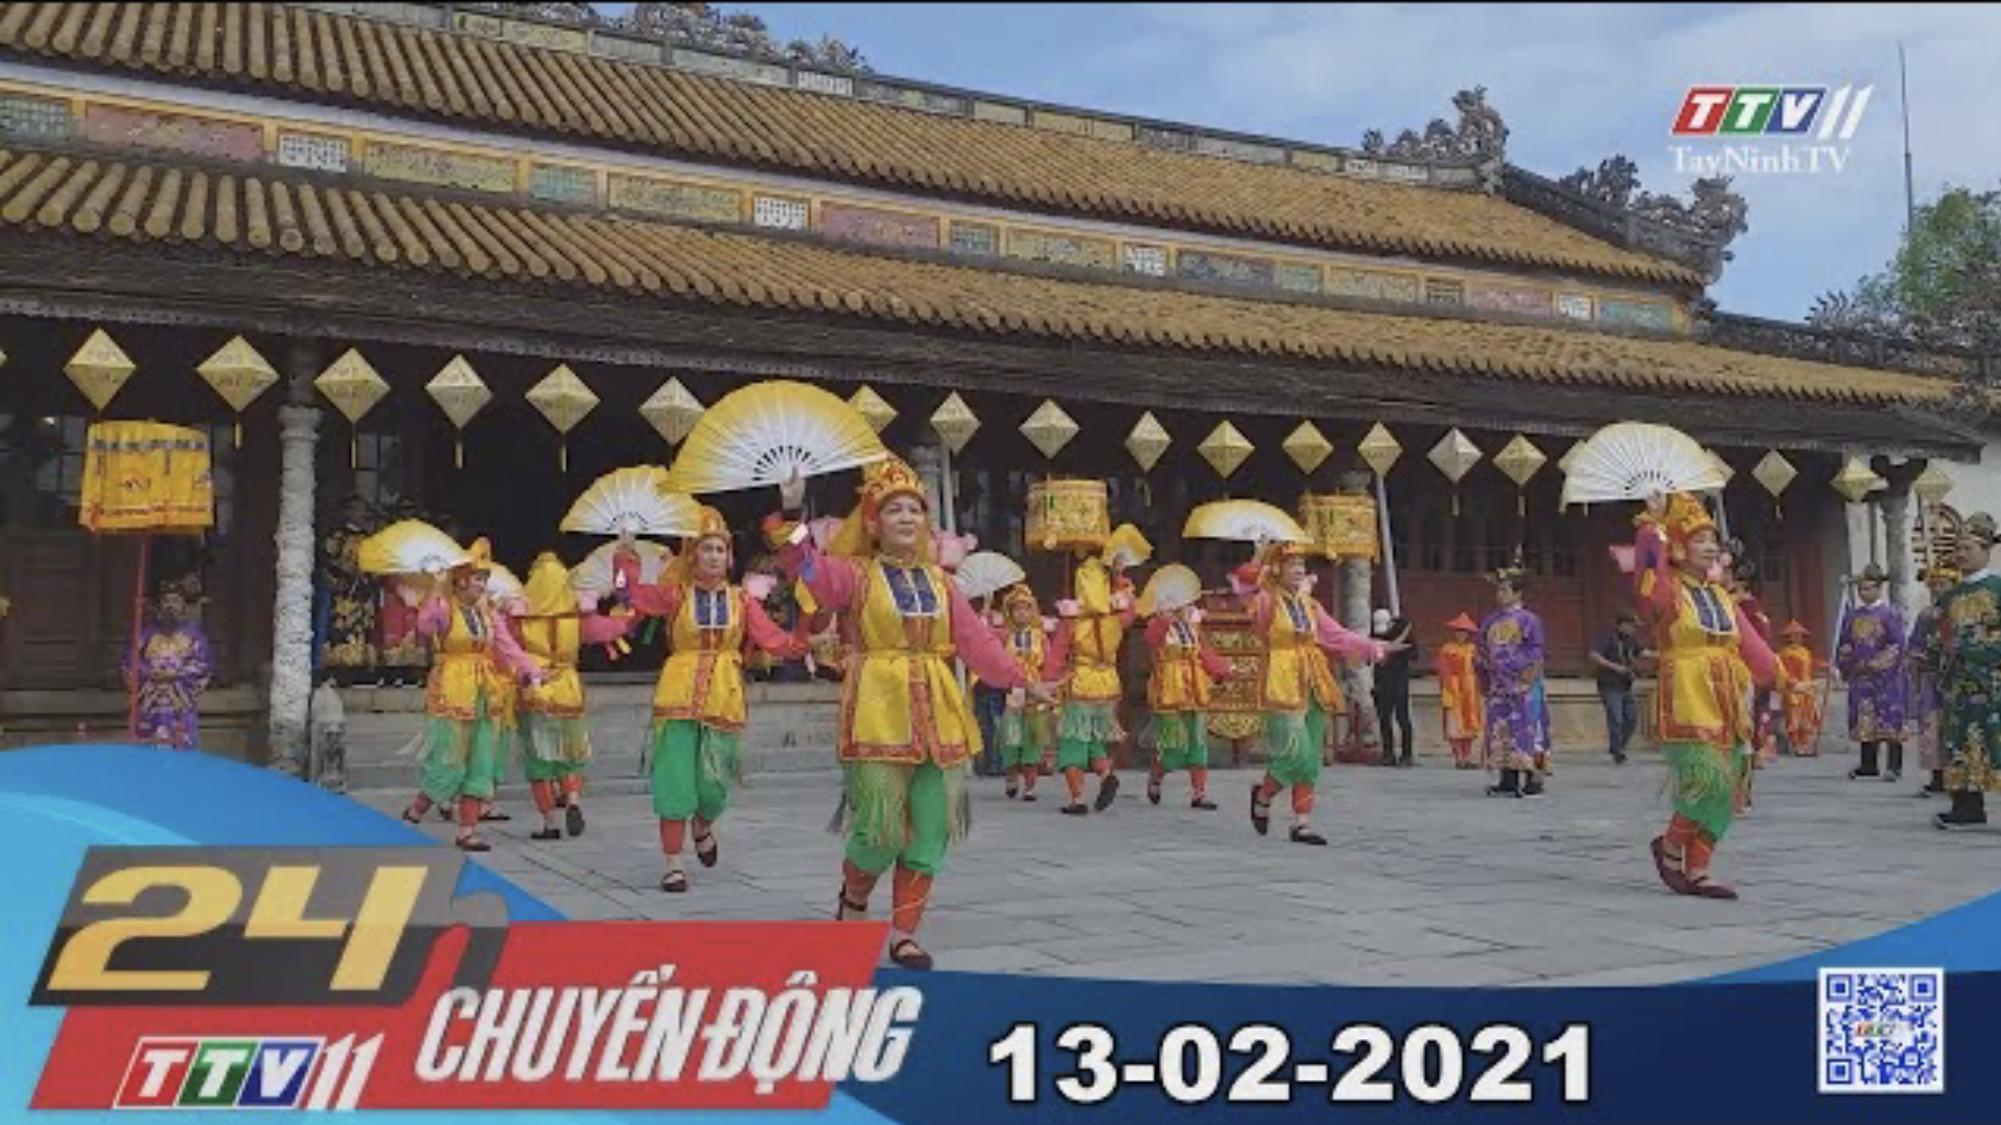 24h Chuyển động 13-02-2021   Tin tức hôm nay   TayNinhTV